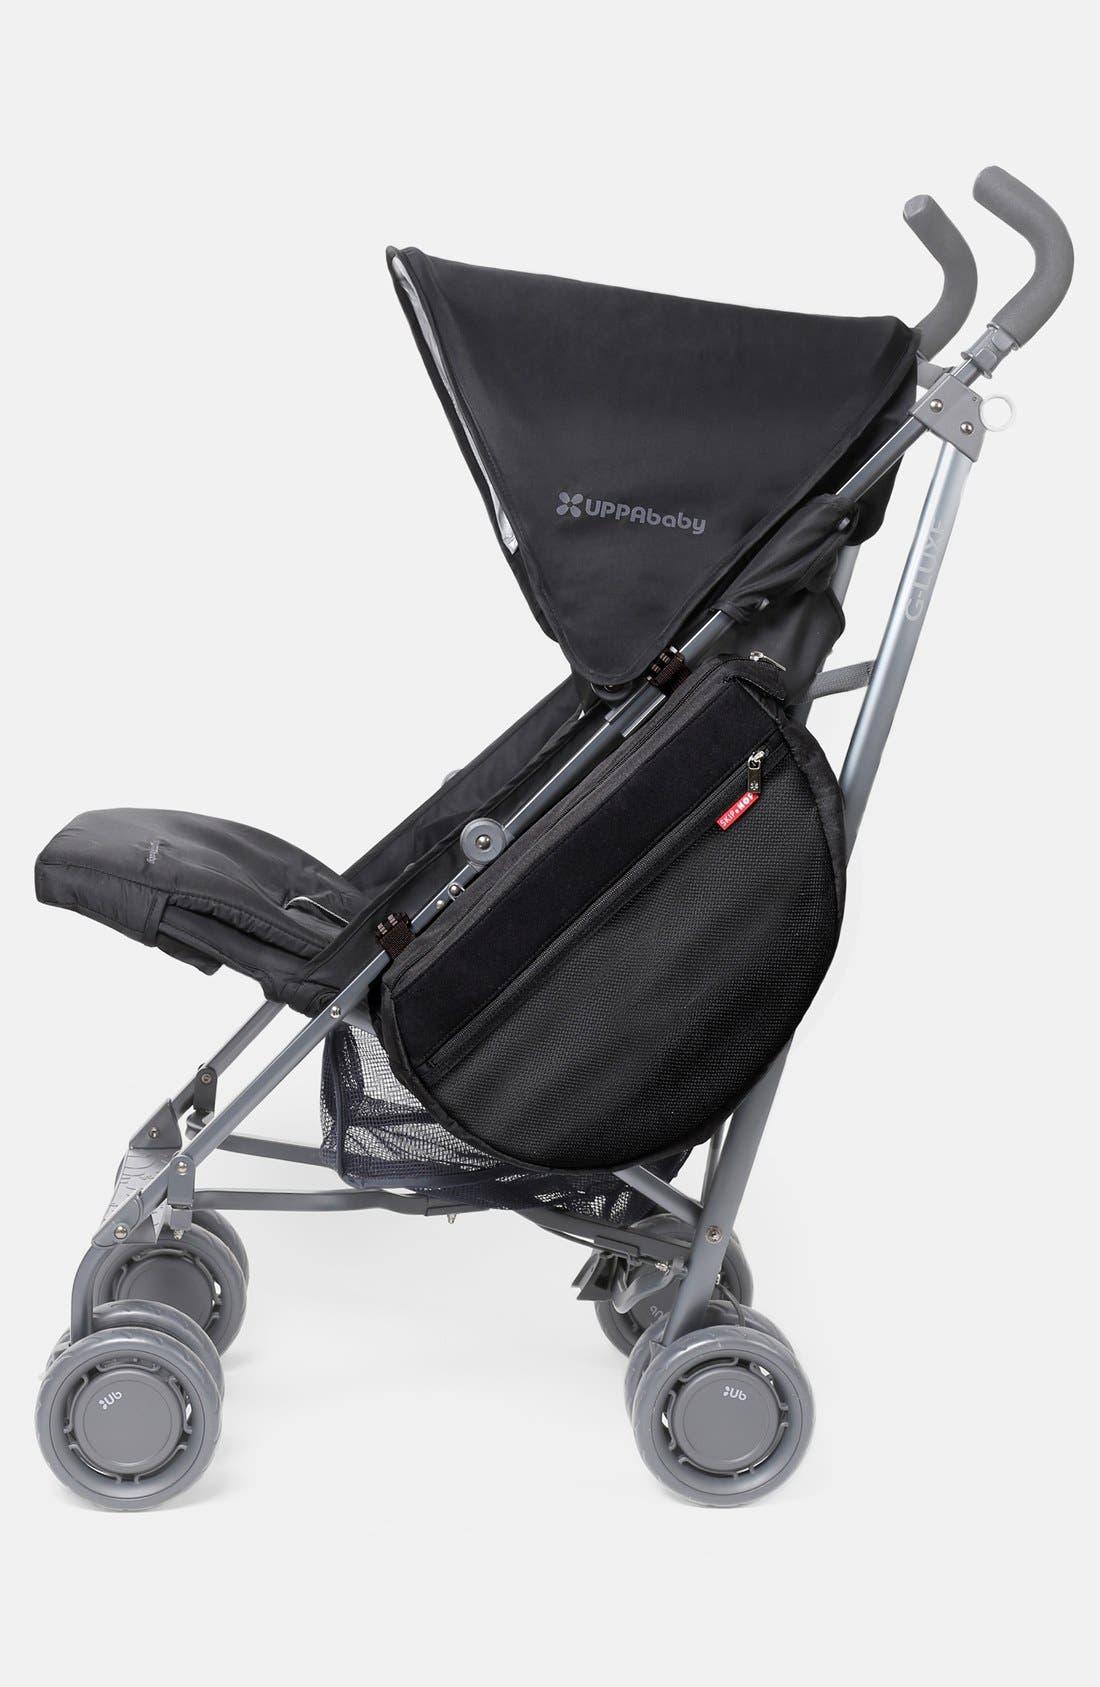 SKIP HOP Stroller Saddle Bag